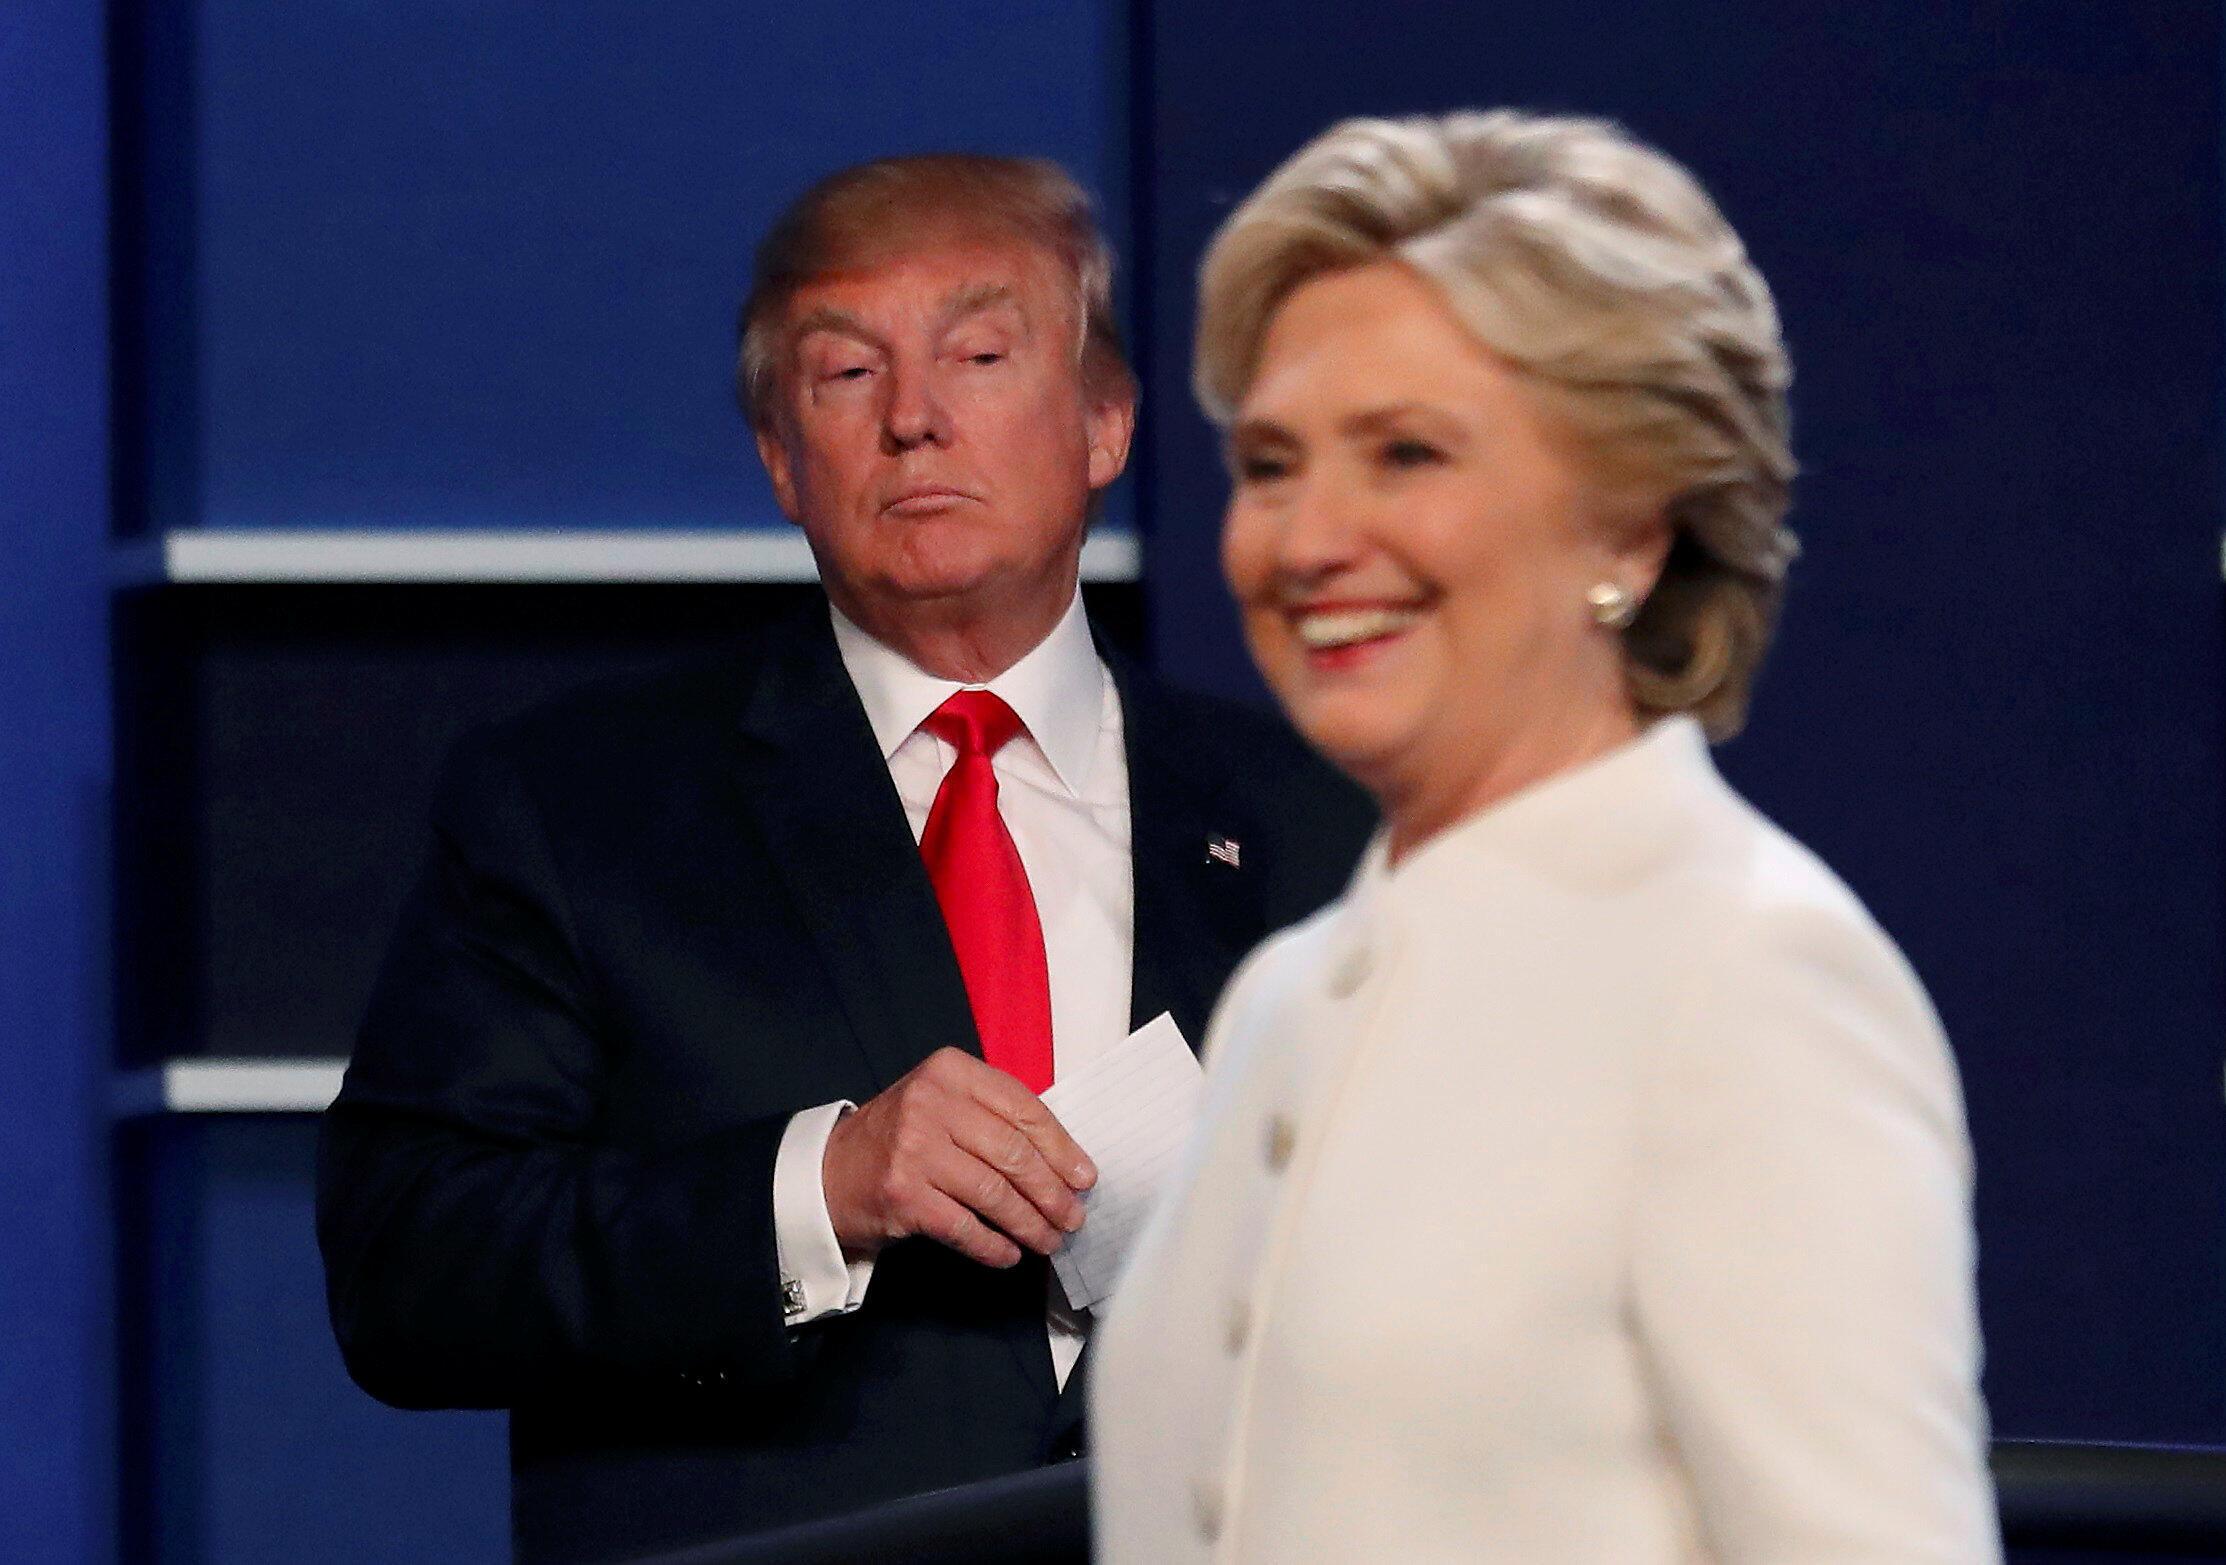 Os candidatos Hillary Clinton e Donald Trump começaram de forma seca e direta, sem aperto de mãos, seu terceiro e último debate presidencial.